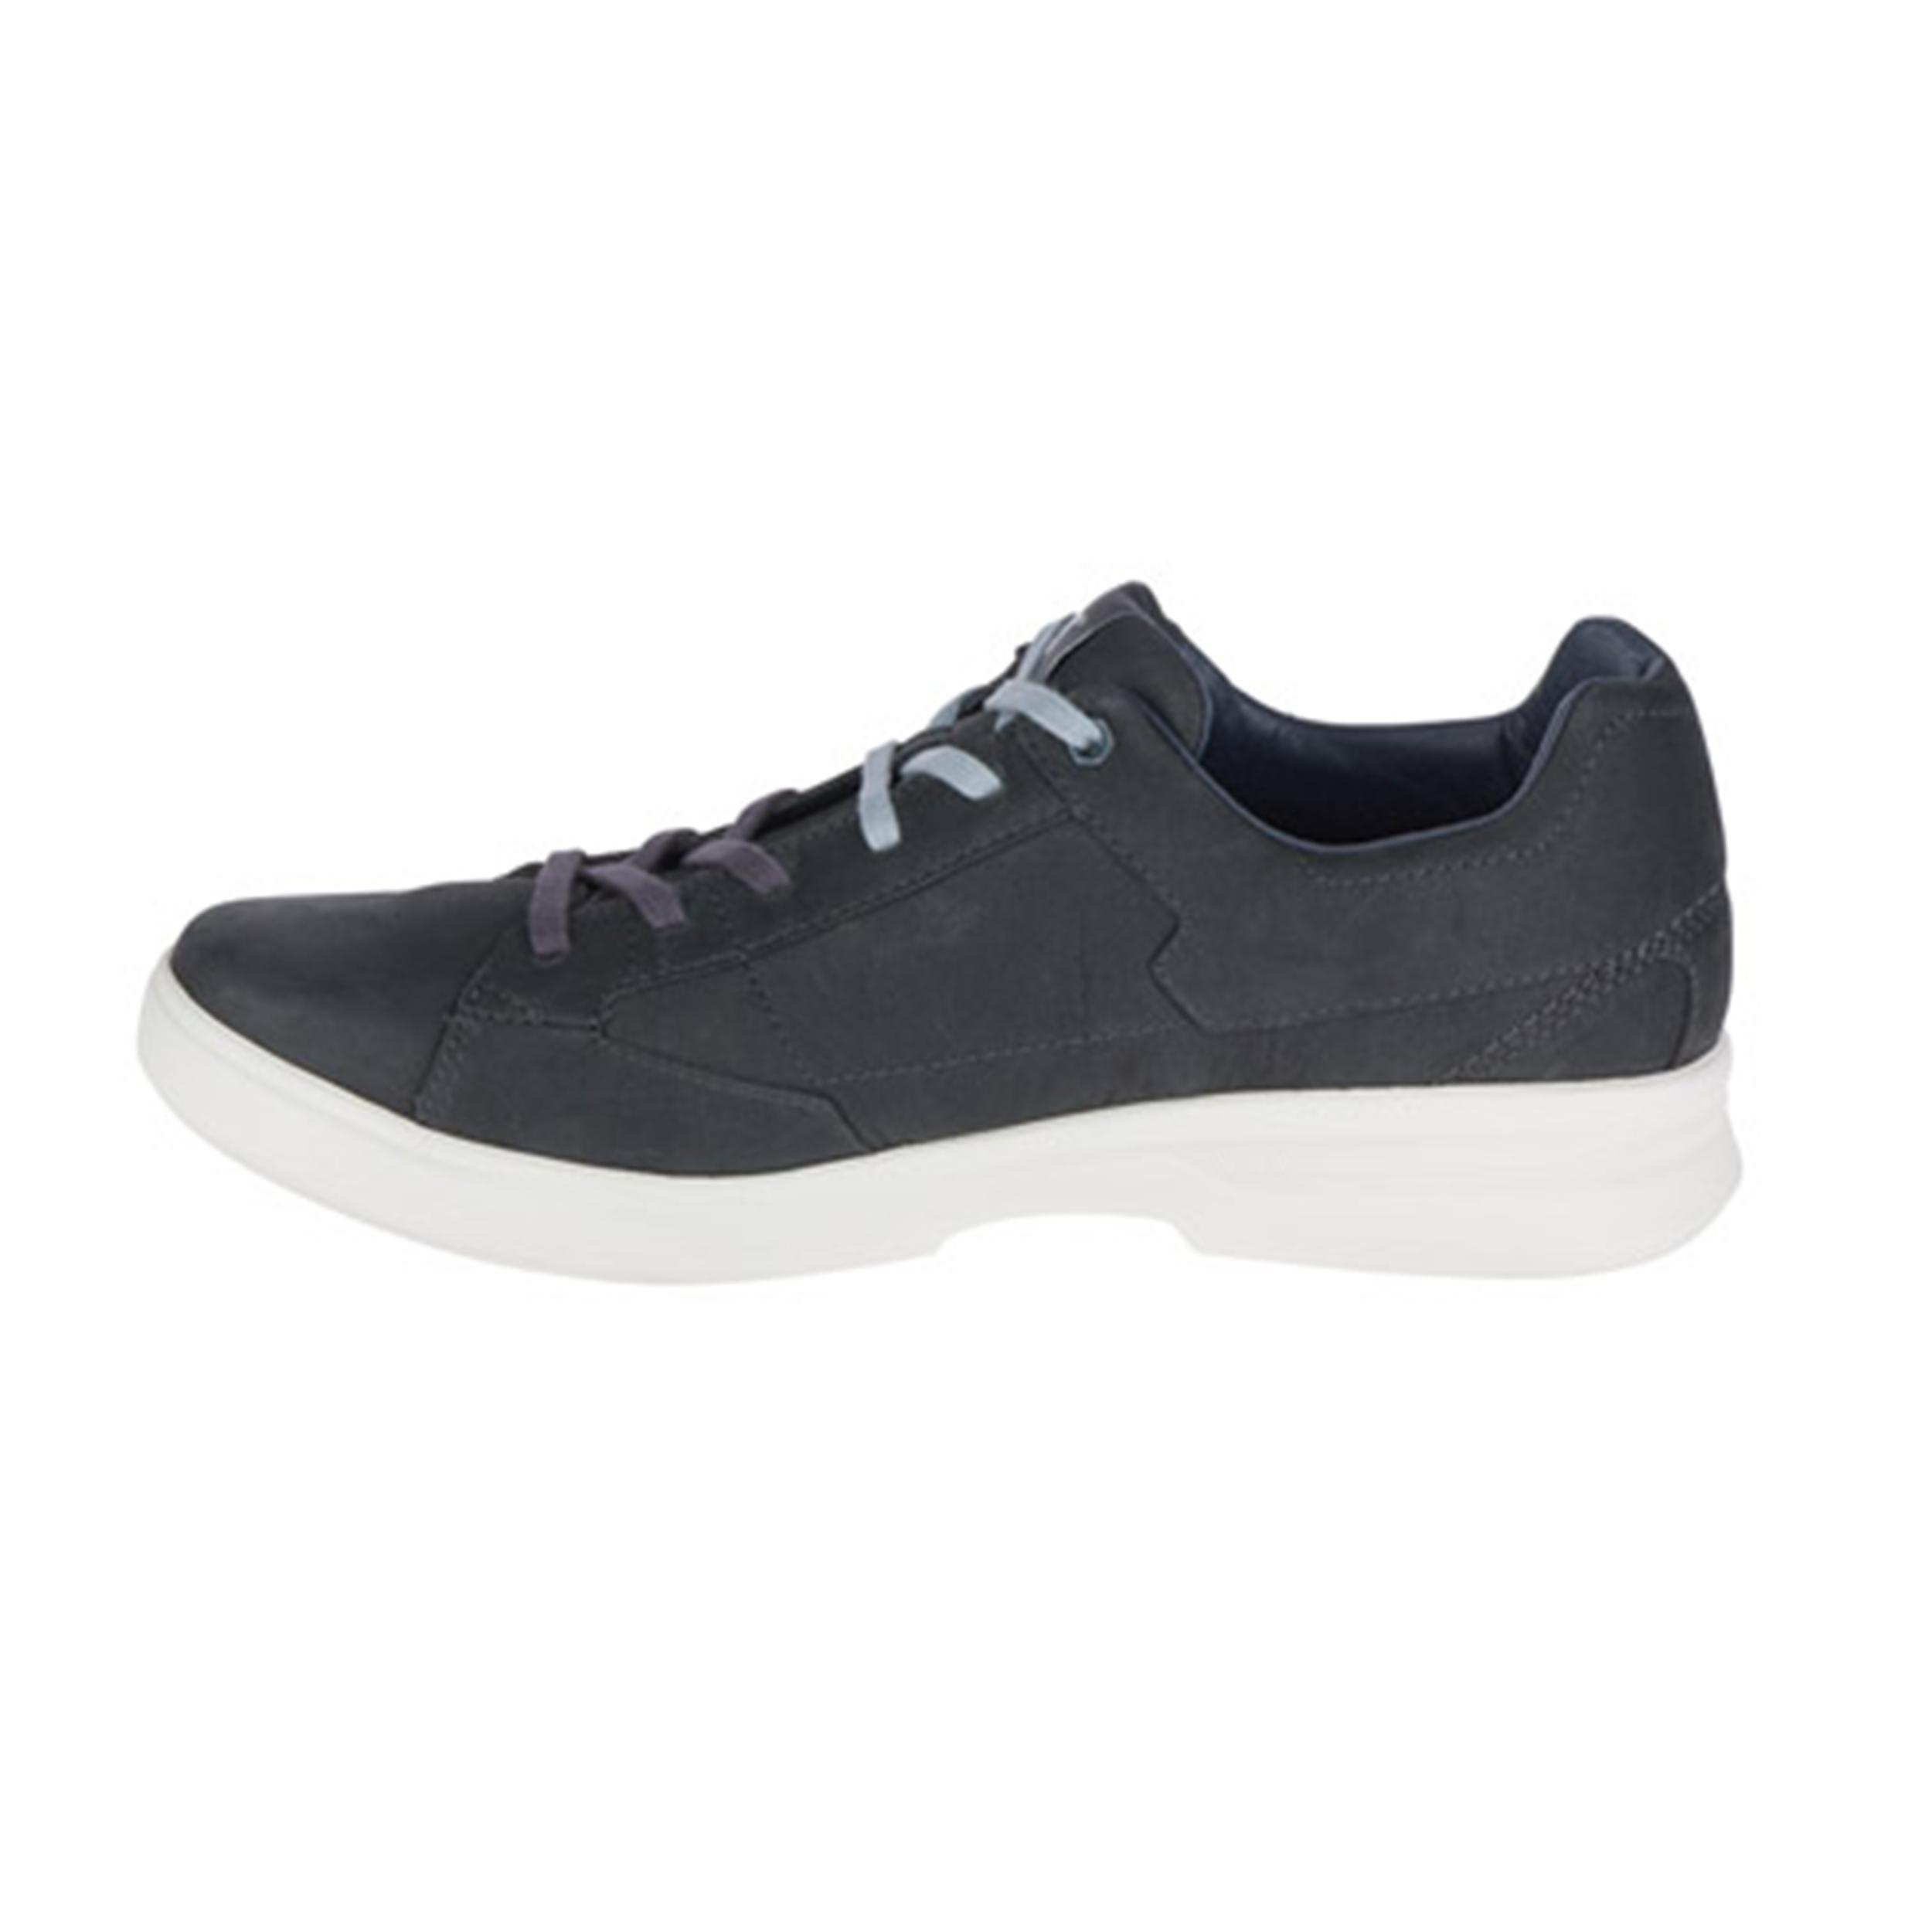 قیمت کفش مخصوص پیاده روی مردانه کاترپیلار مدل 722360